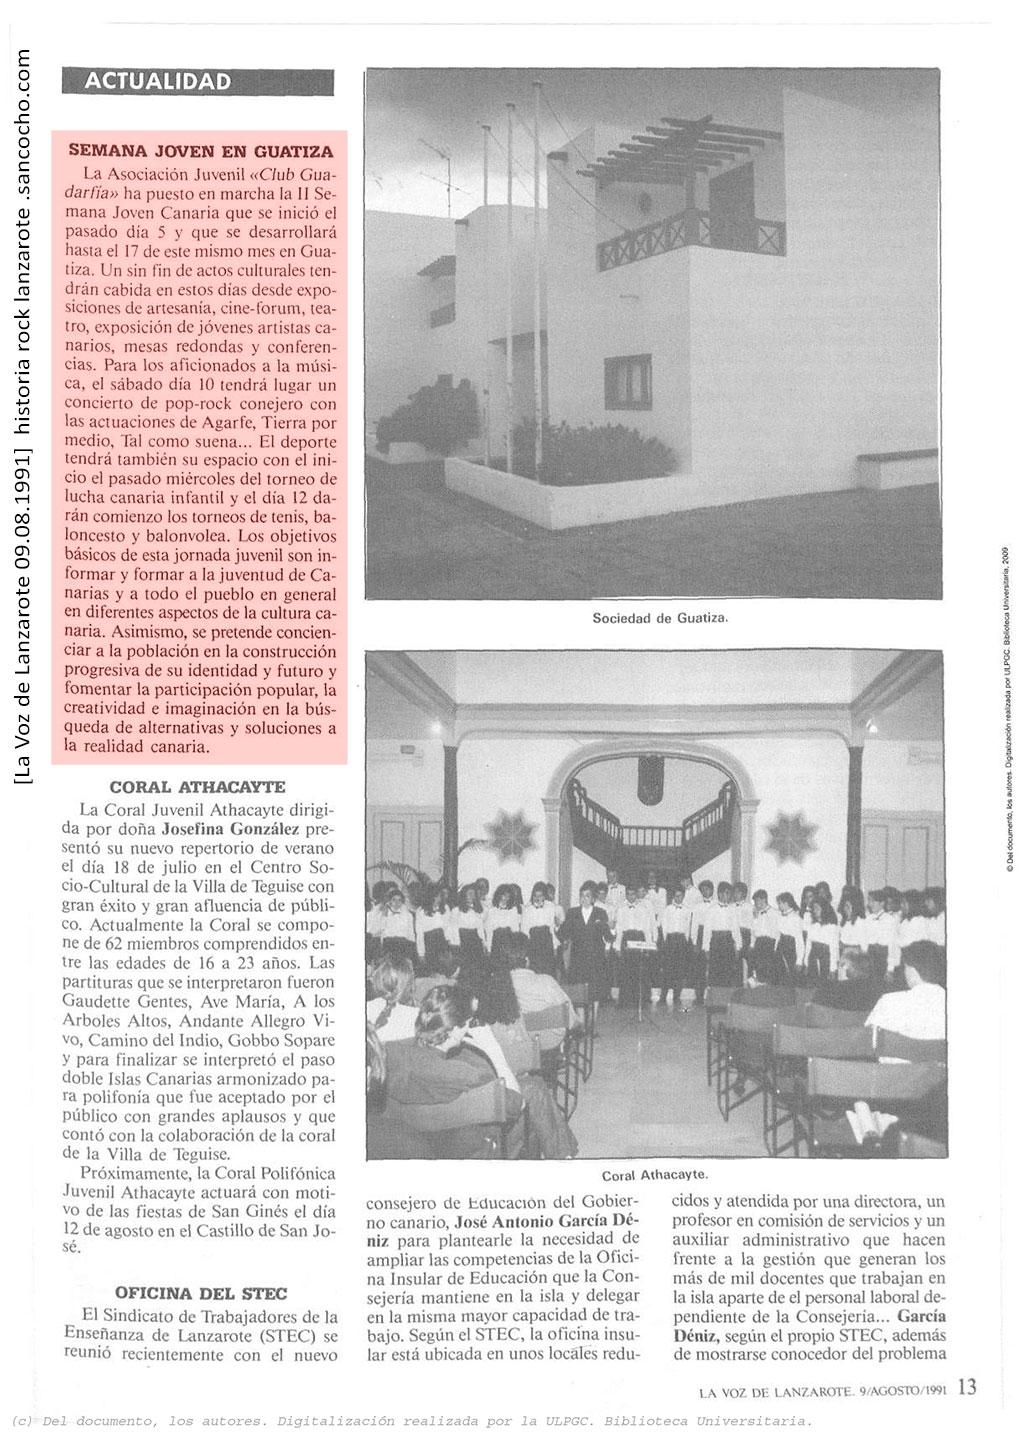 La-Voz-de-Lanzarote-09081991-Guatiza